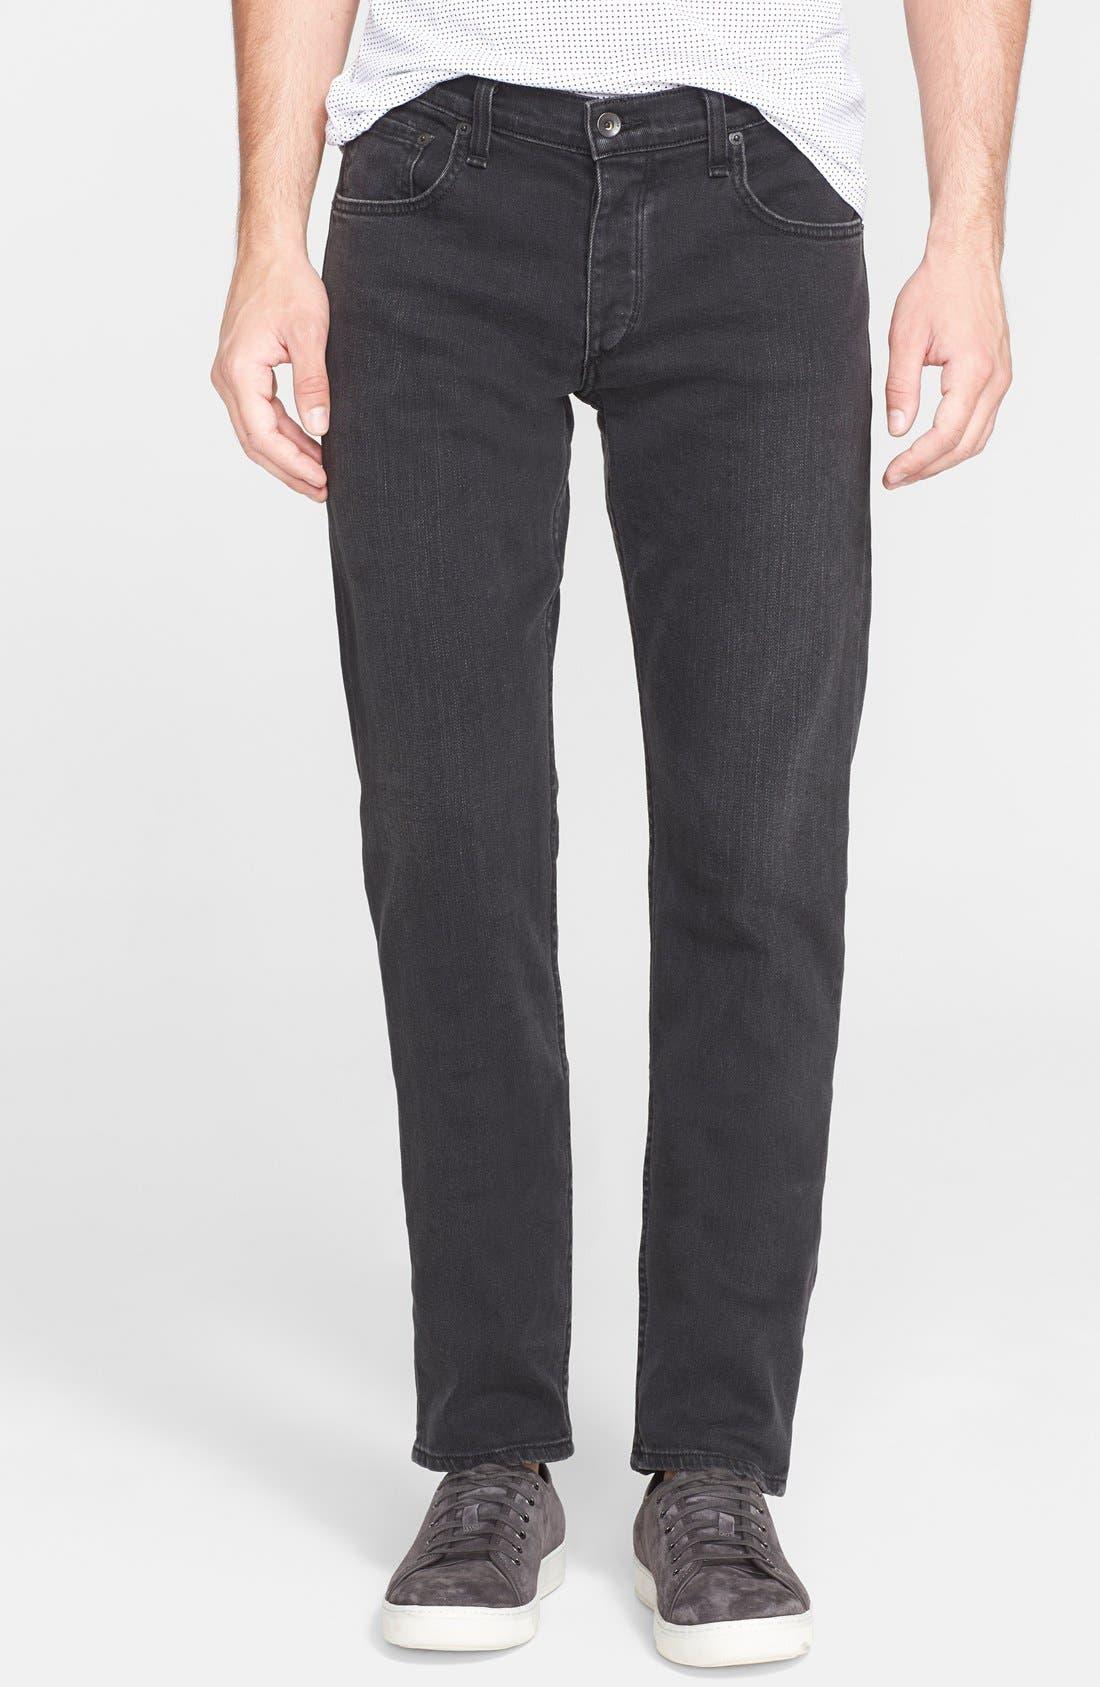 'Fit 2' Slim Fit Jeans,                             Main thumbnail 1, color,                             009